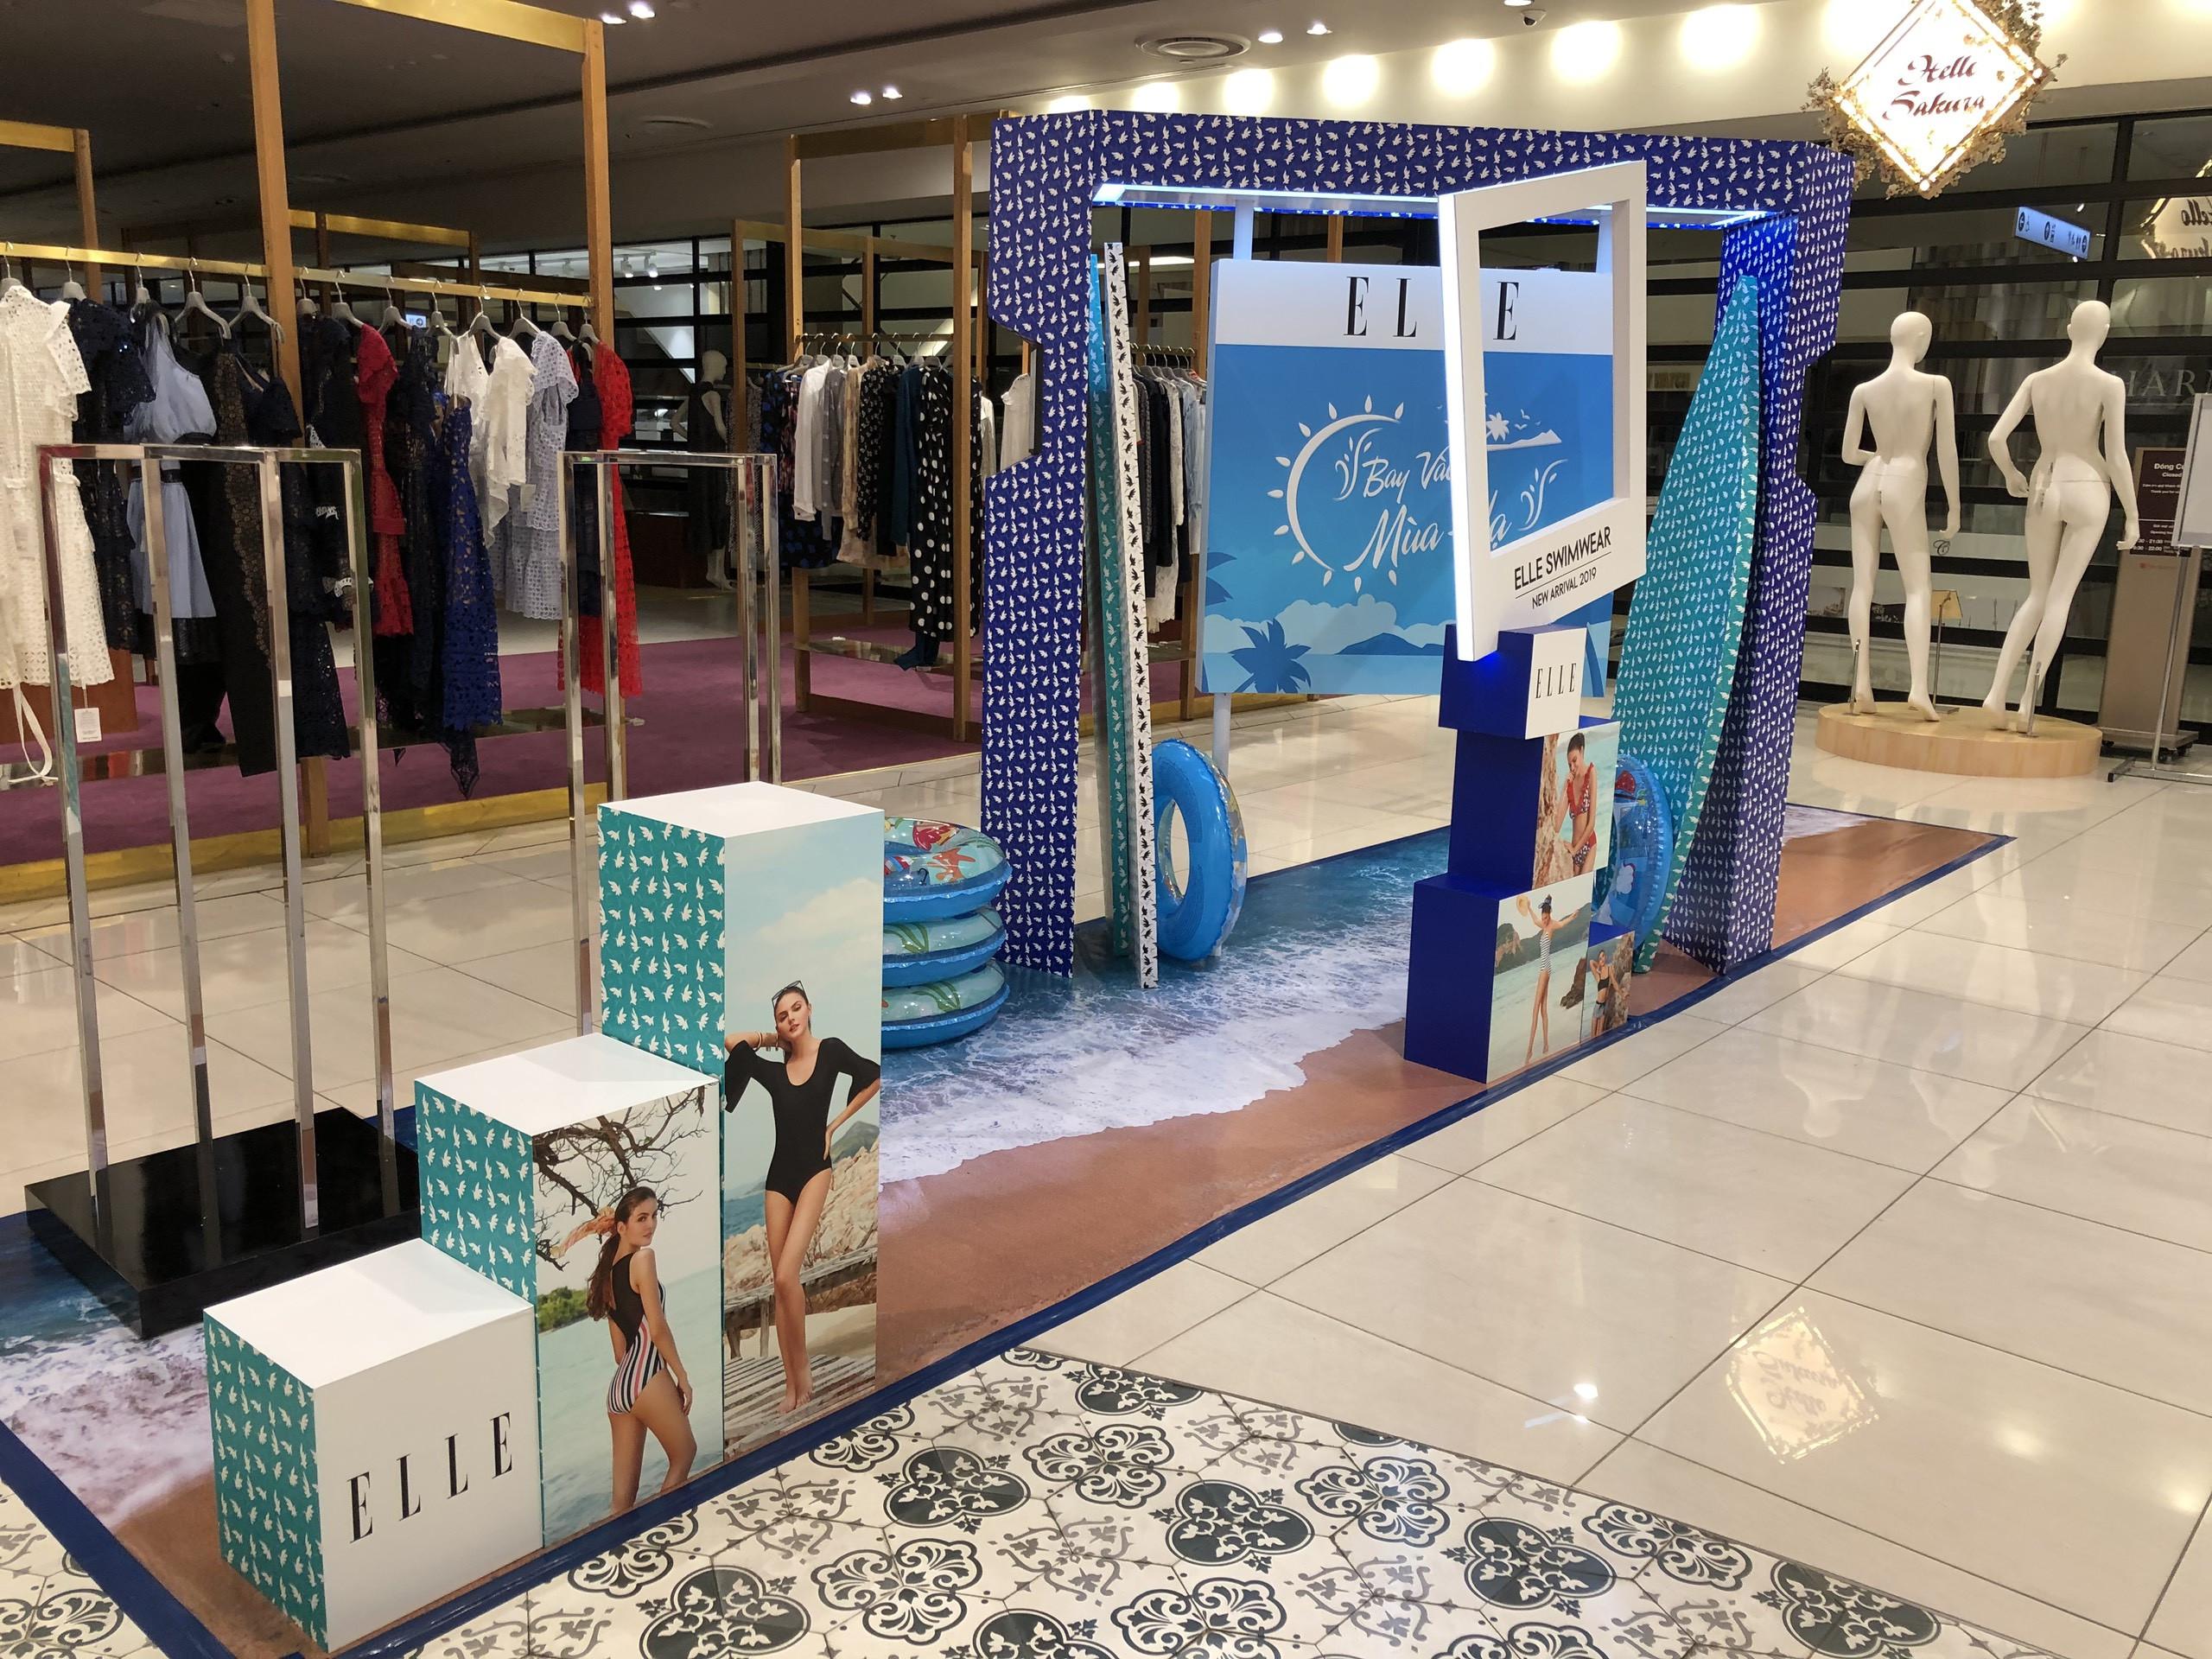 Booth bán hàng sản phẩm mới của ELLE